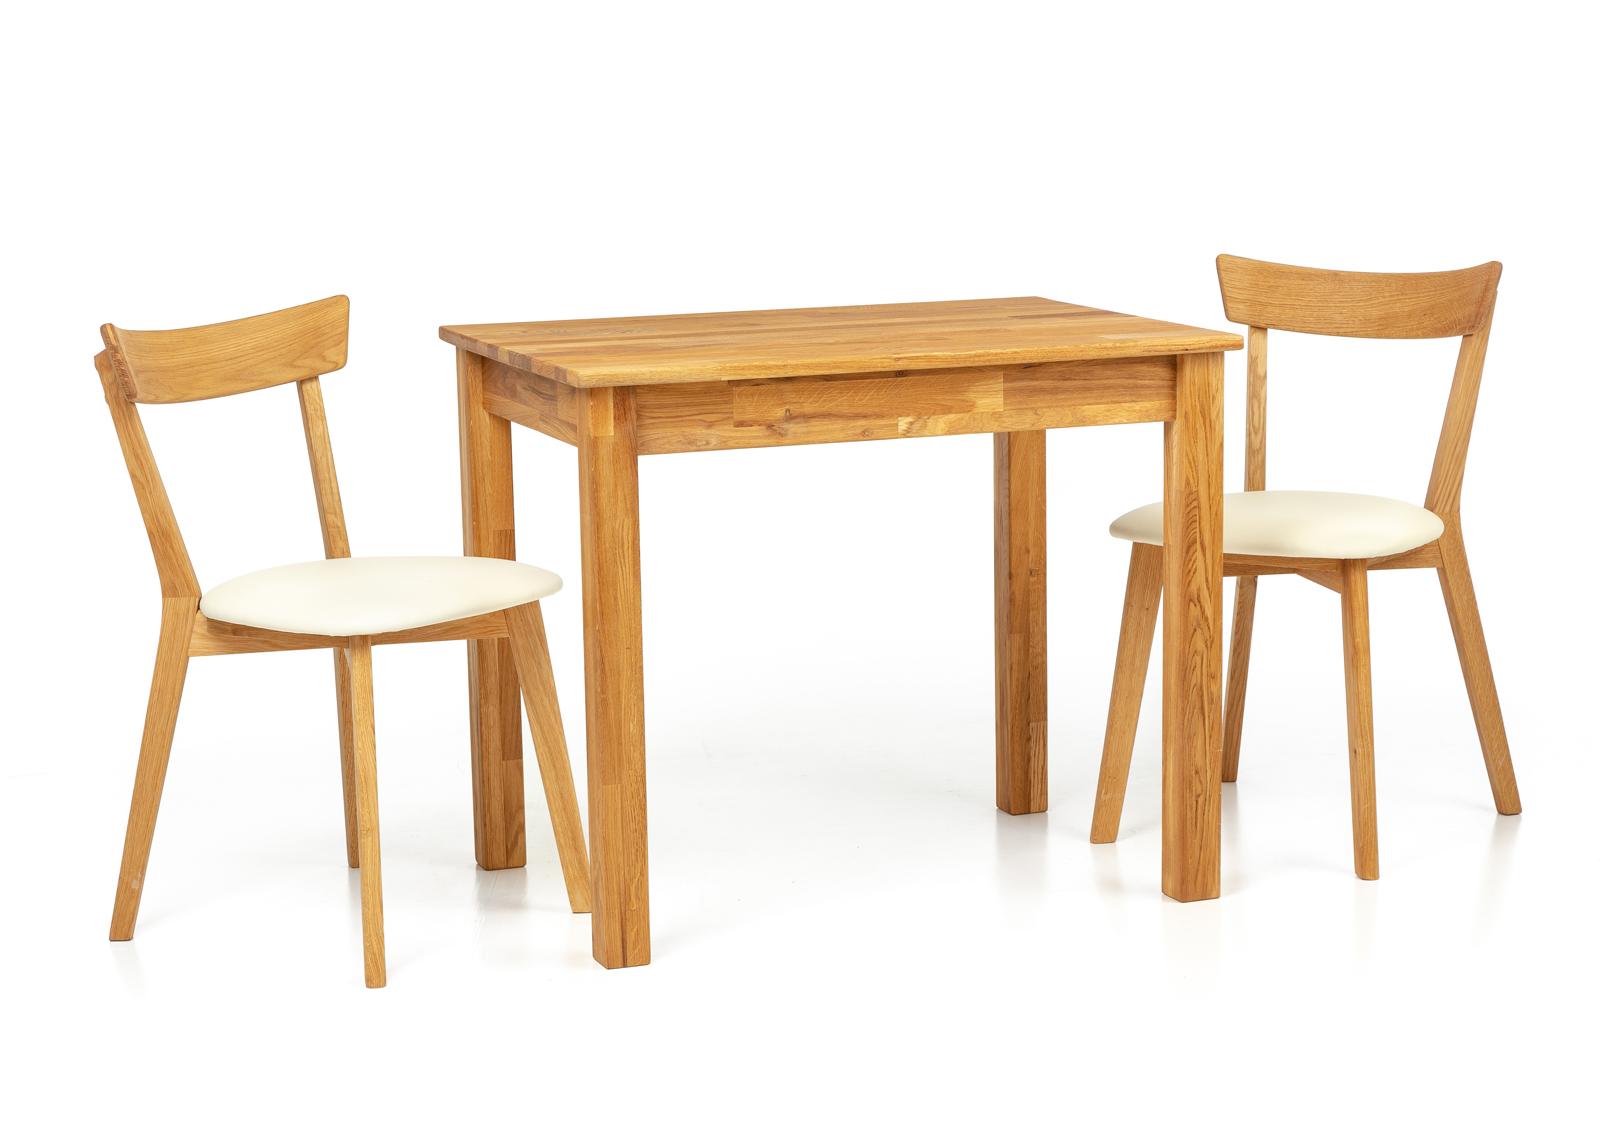 Tammi ruokapöytä Len23 90x65 cm + 2 tuolia Viola beige